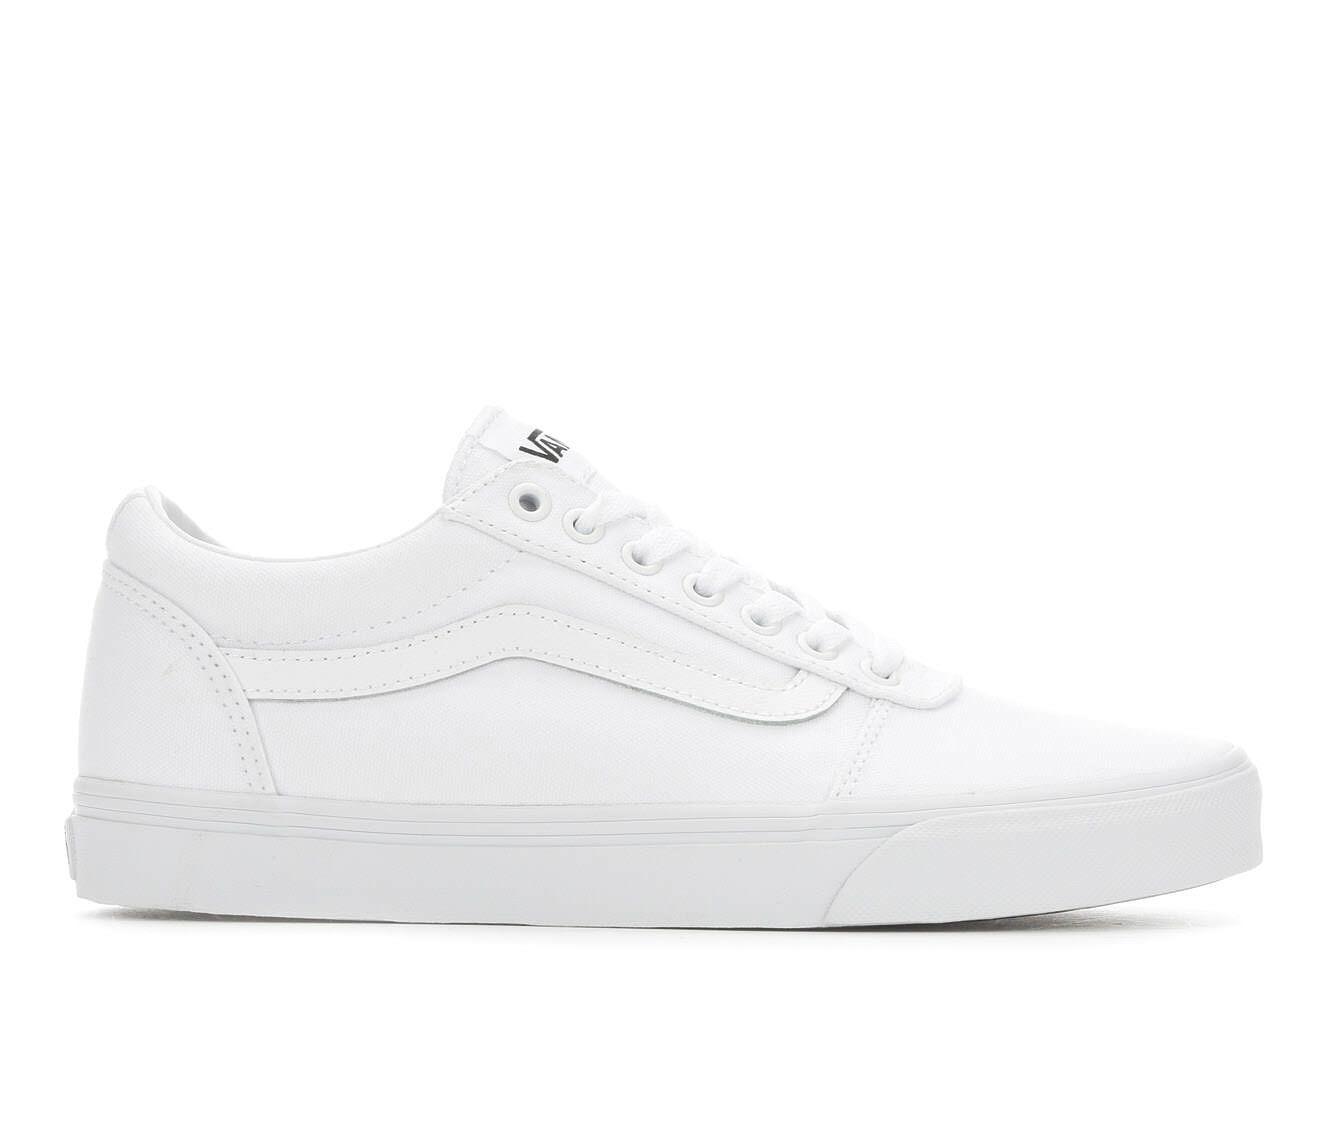 Men's Vans Ward Skate Shoes | Shoe Carnival